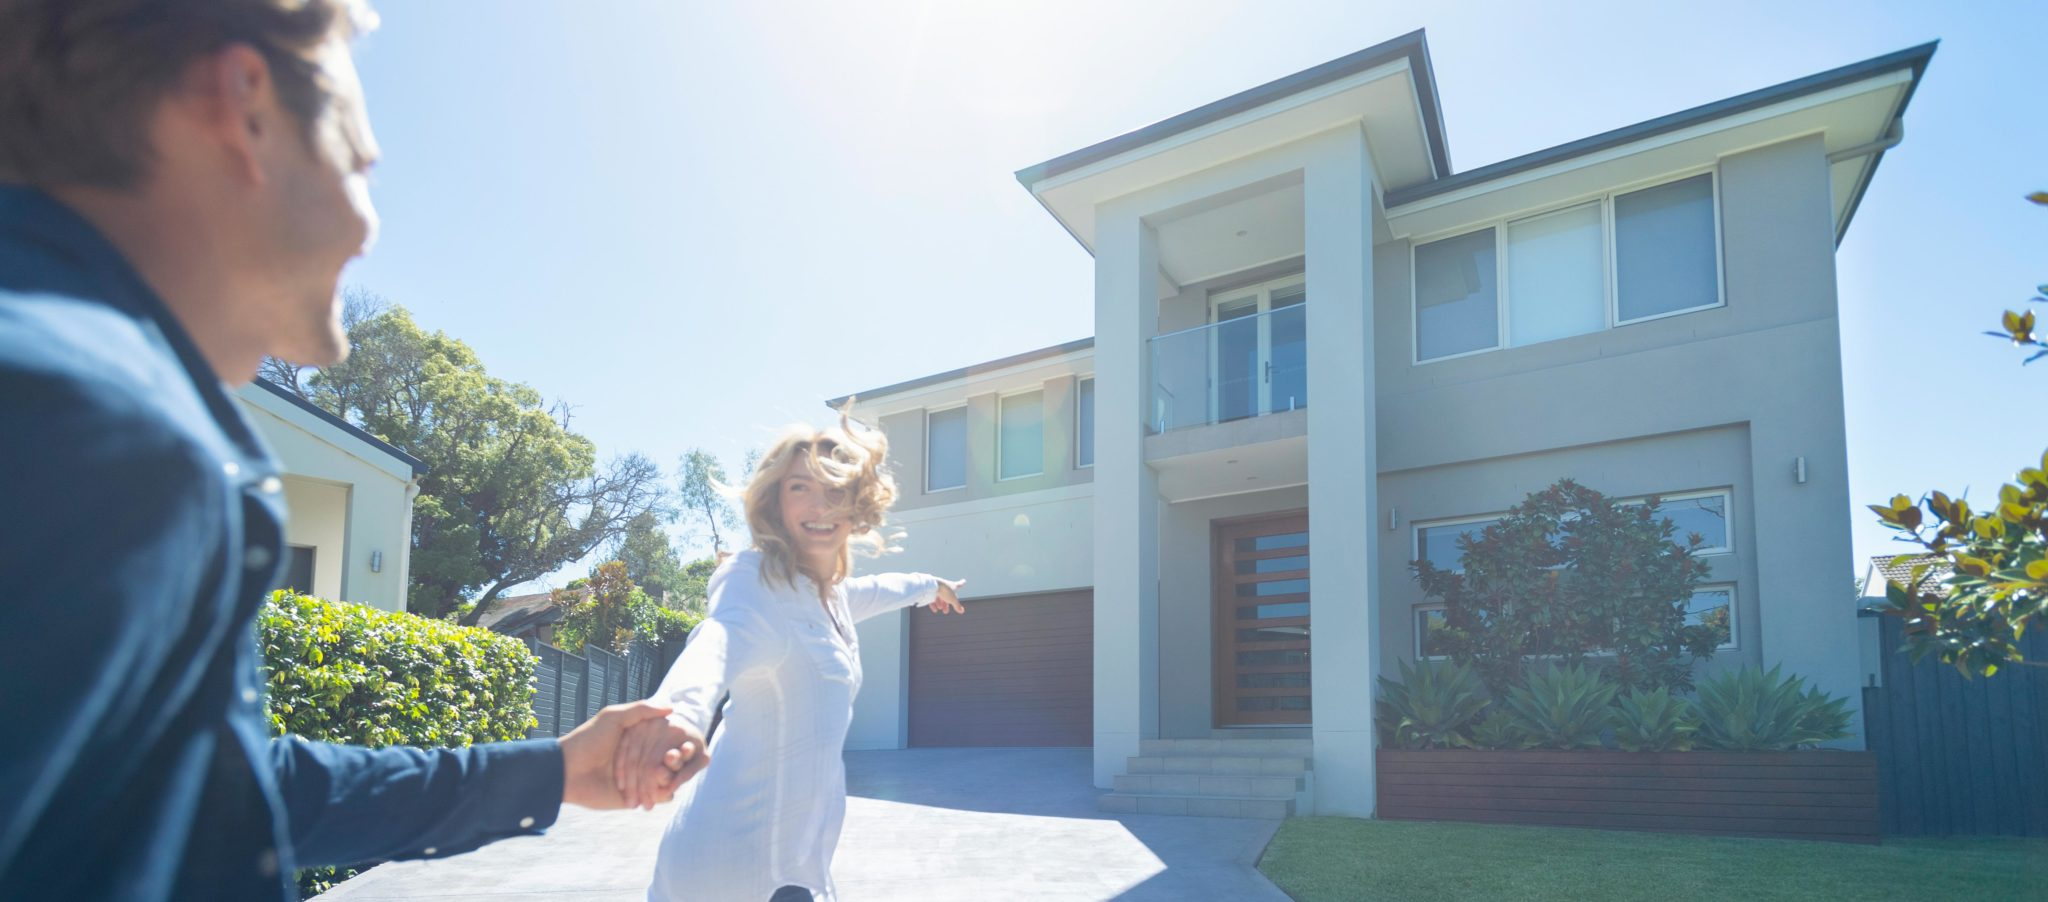 Glücklicher Einzug in die neue Immobilie